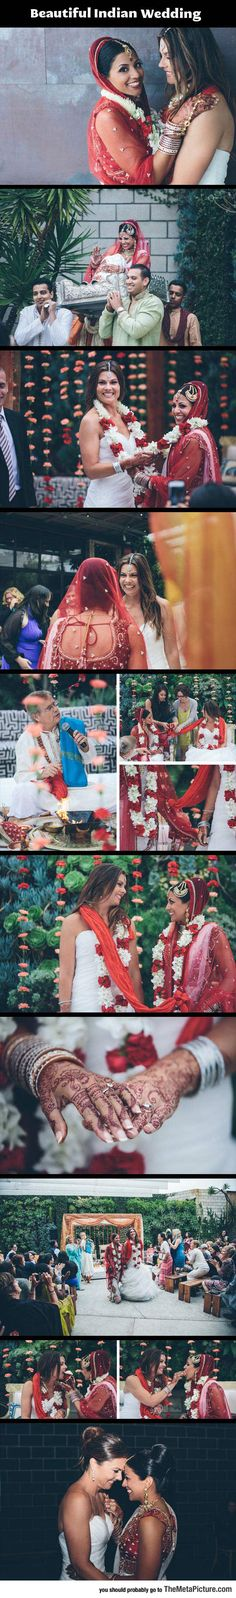 Ever Seen An Indian Wedding